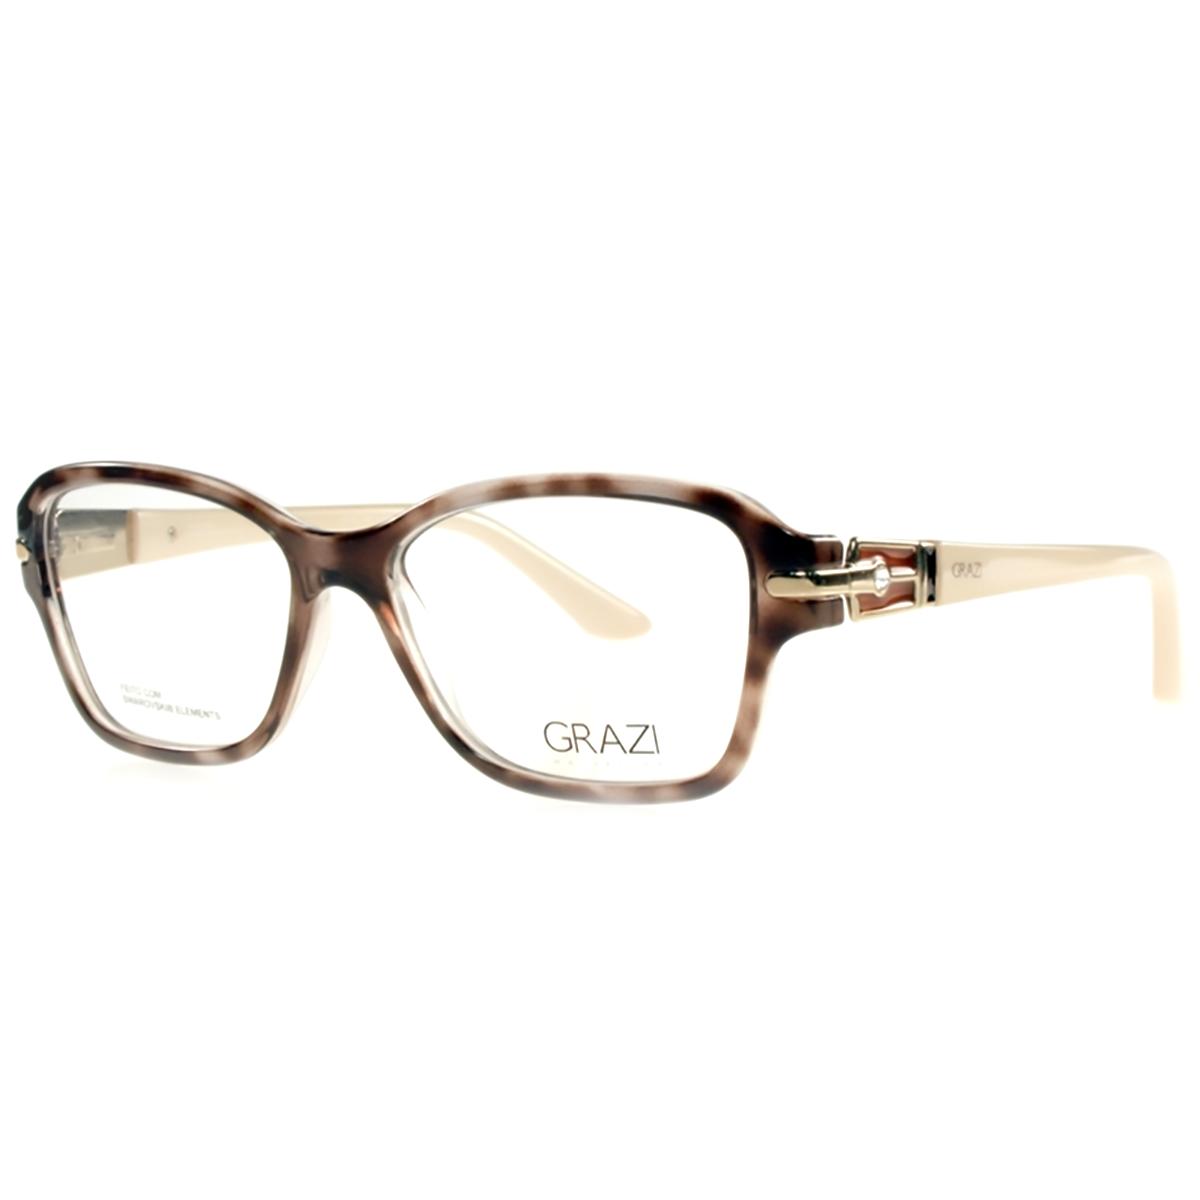 44f1e566794e0 Compre Óculos de Grau Grazi Massafera em 10X